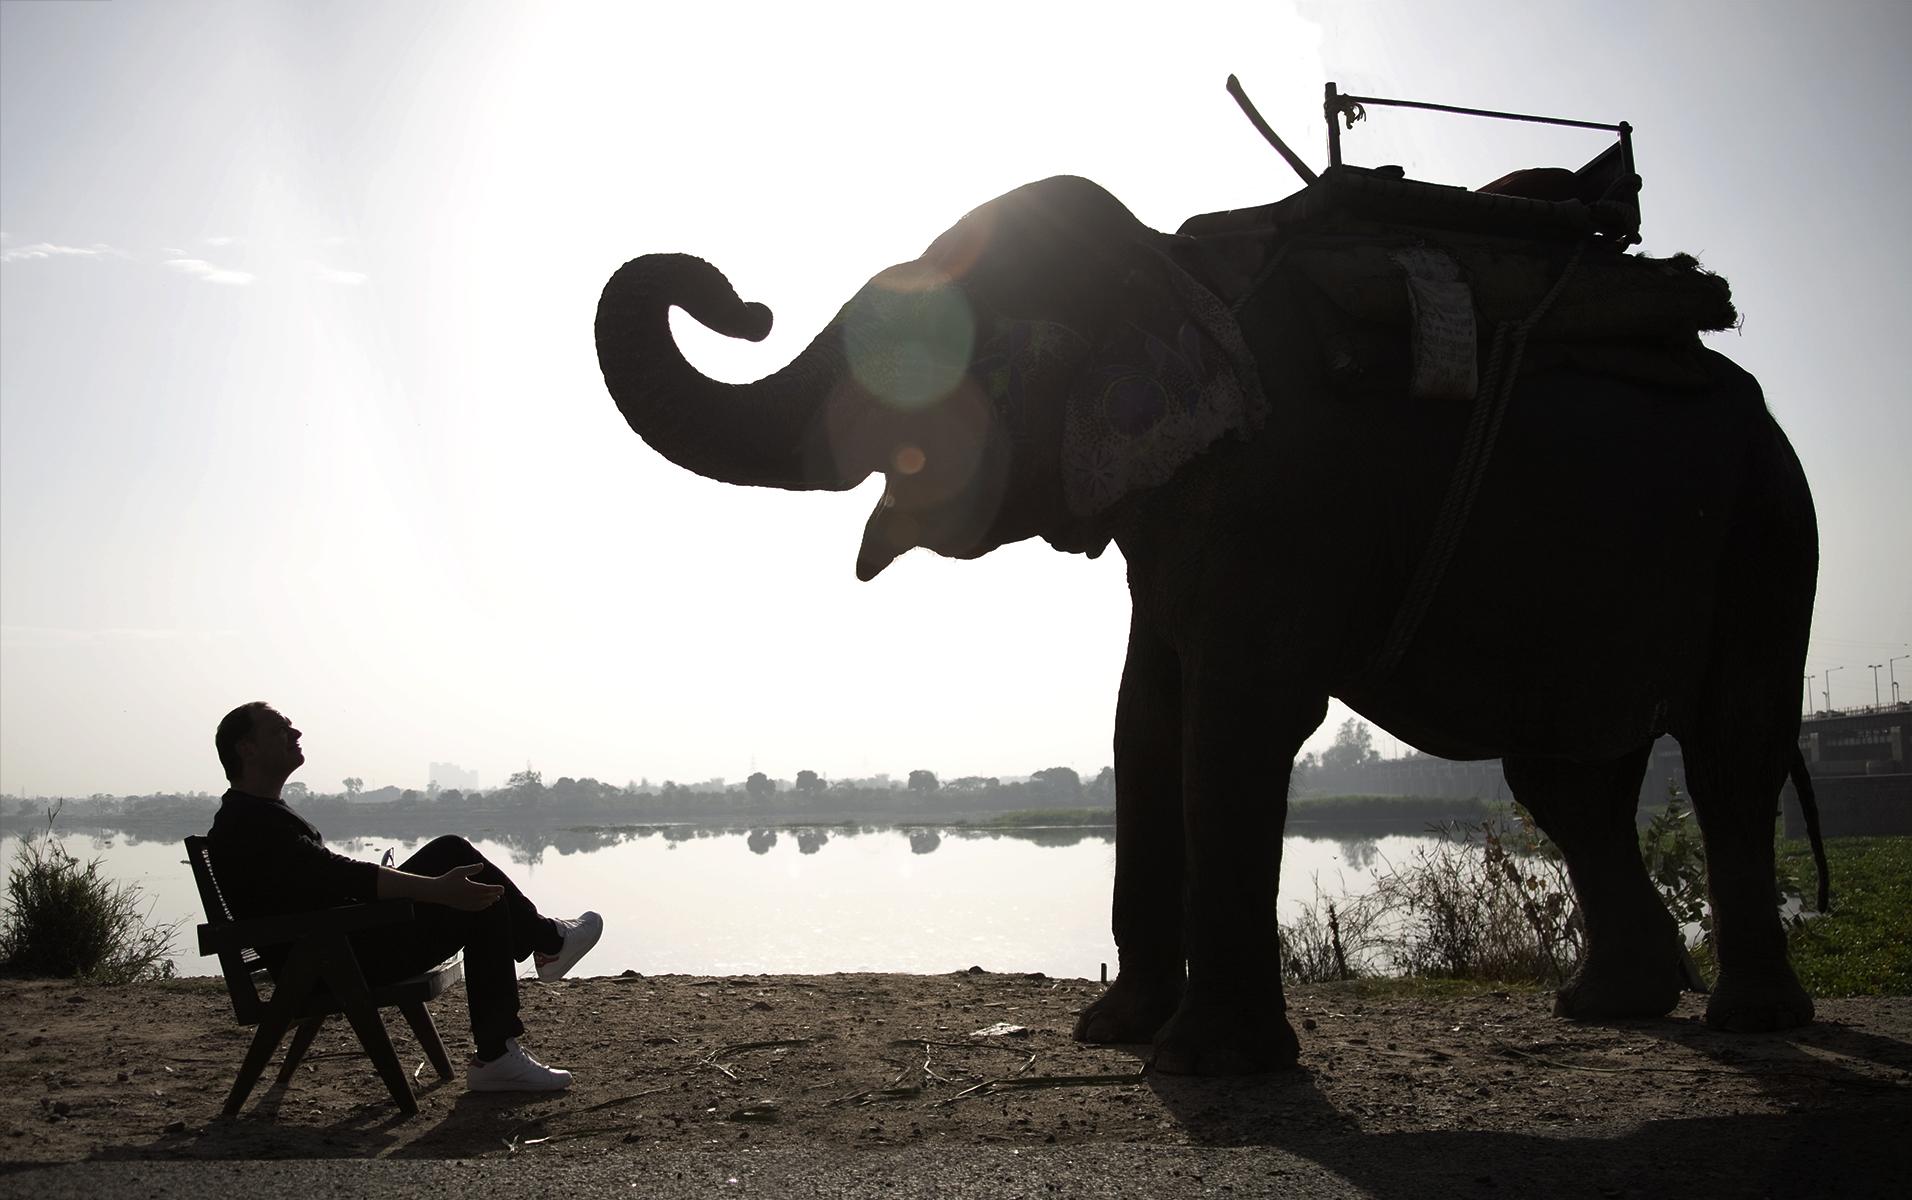 Chandigarh, India. 2011